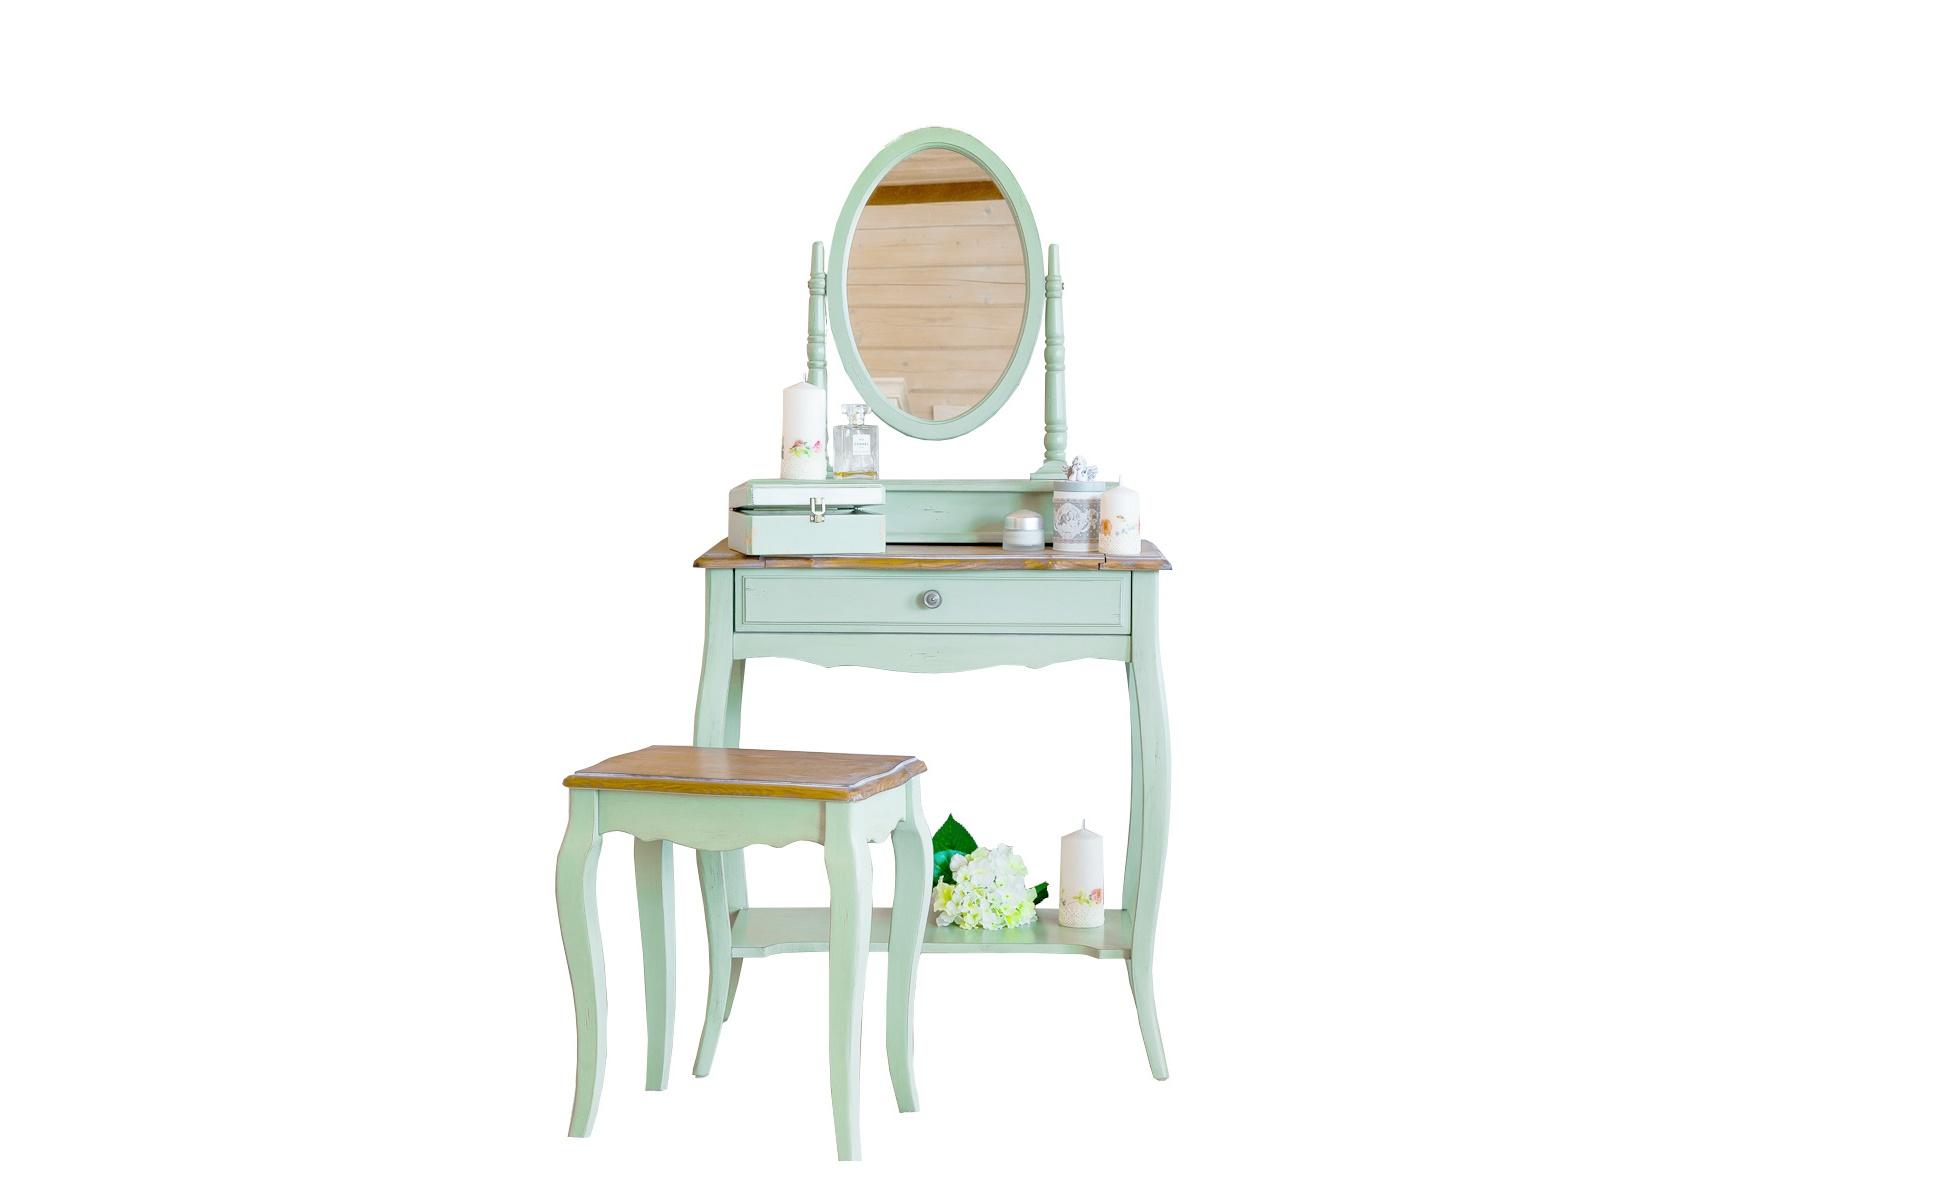 Будуарный столТуалетные столики<br>Этот будуарный стол выполнен в изящном прованском стиле, представляющем собой объединение французской роскоши с деревенской простотой. Отблески утонченного шика проявляются в его традиционных формах, созданных резными и гнутыми элементами. Сдержанность оформлению добавляет пастельная гамма, а также отсутствие ярких деталей.<br><br>Material: Дерево<br>Length см: 70<br>Width см: 40<br>Height см: 142